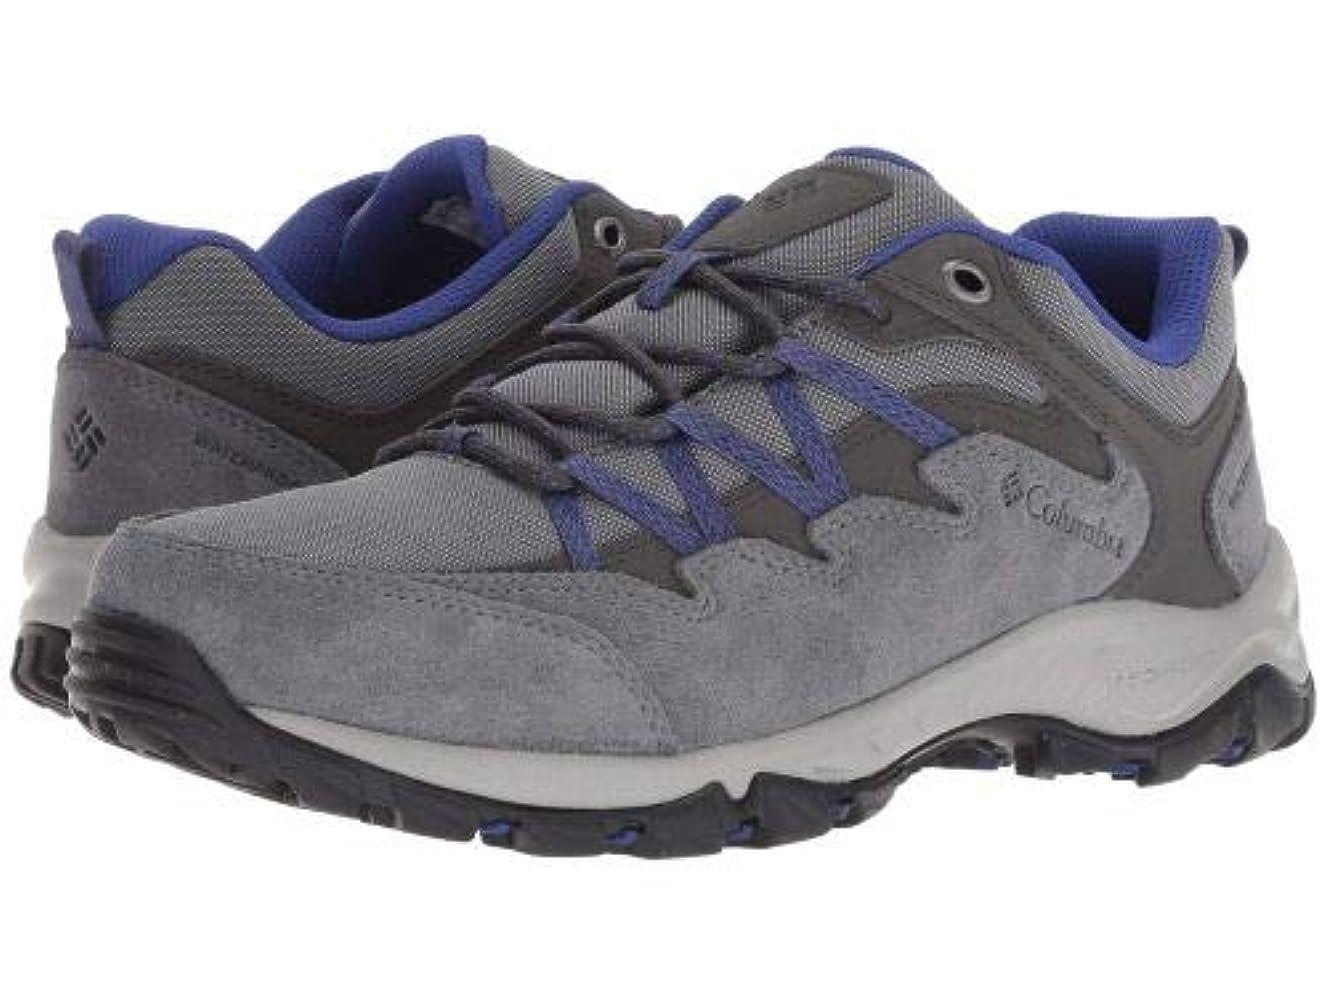 タイムリーなリビングルーム調停者Columbia(コロンビア) レディース 女性用 シューズ 靴 スニーカー 運動靴 Wahkeena Waterproof - Ti Grey Steel/Clematis Blue [並行輸入品]